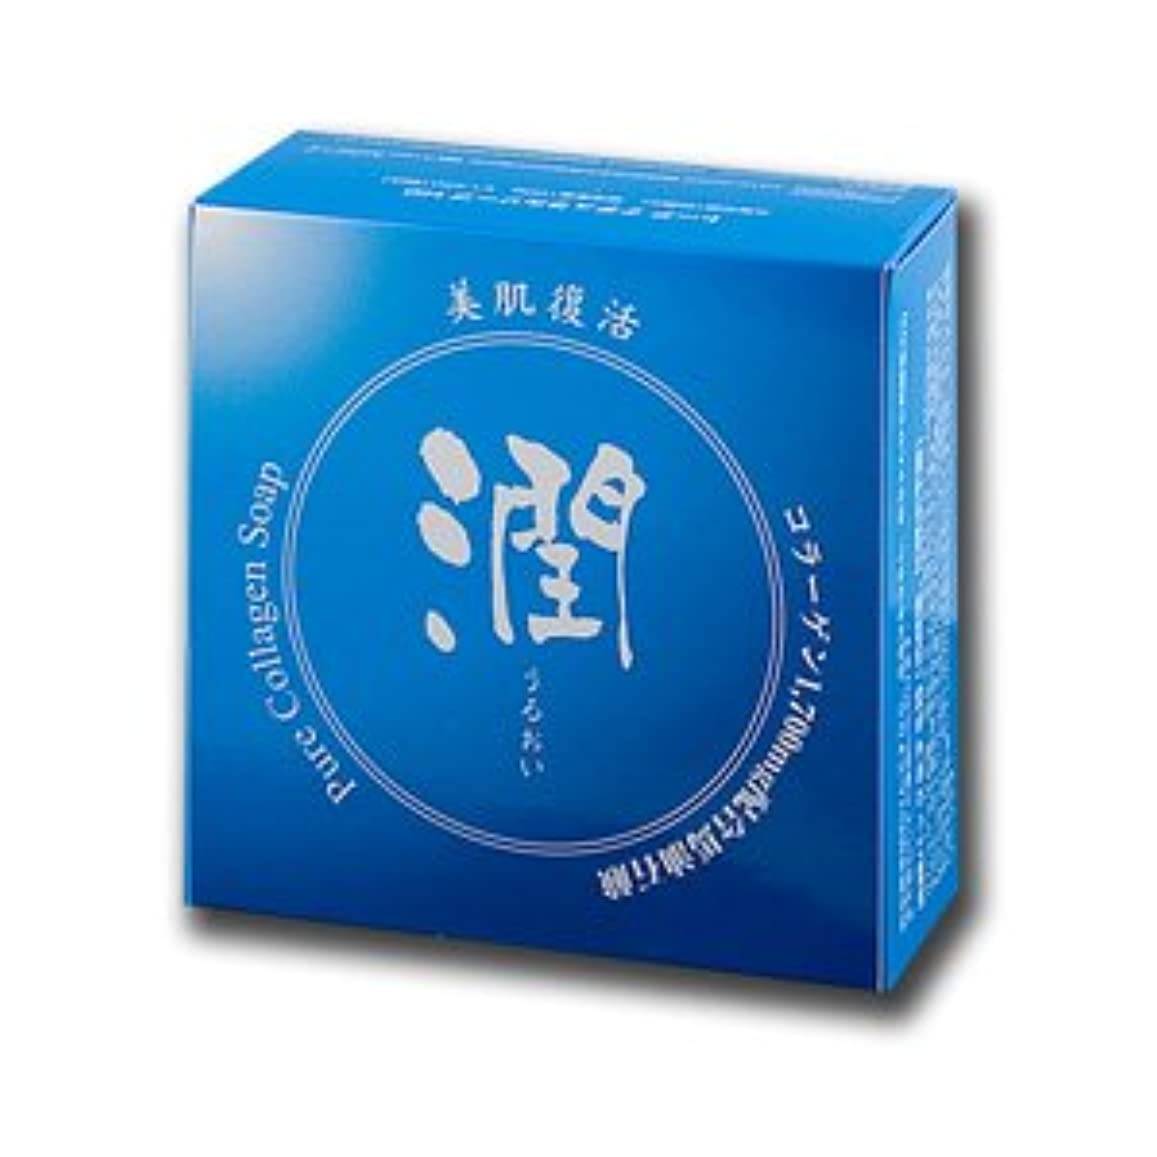 アクセル世界海洋コラーゲン馬油石鹸 潤 100g (#800410) ×6個セット